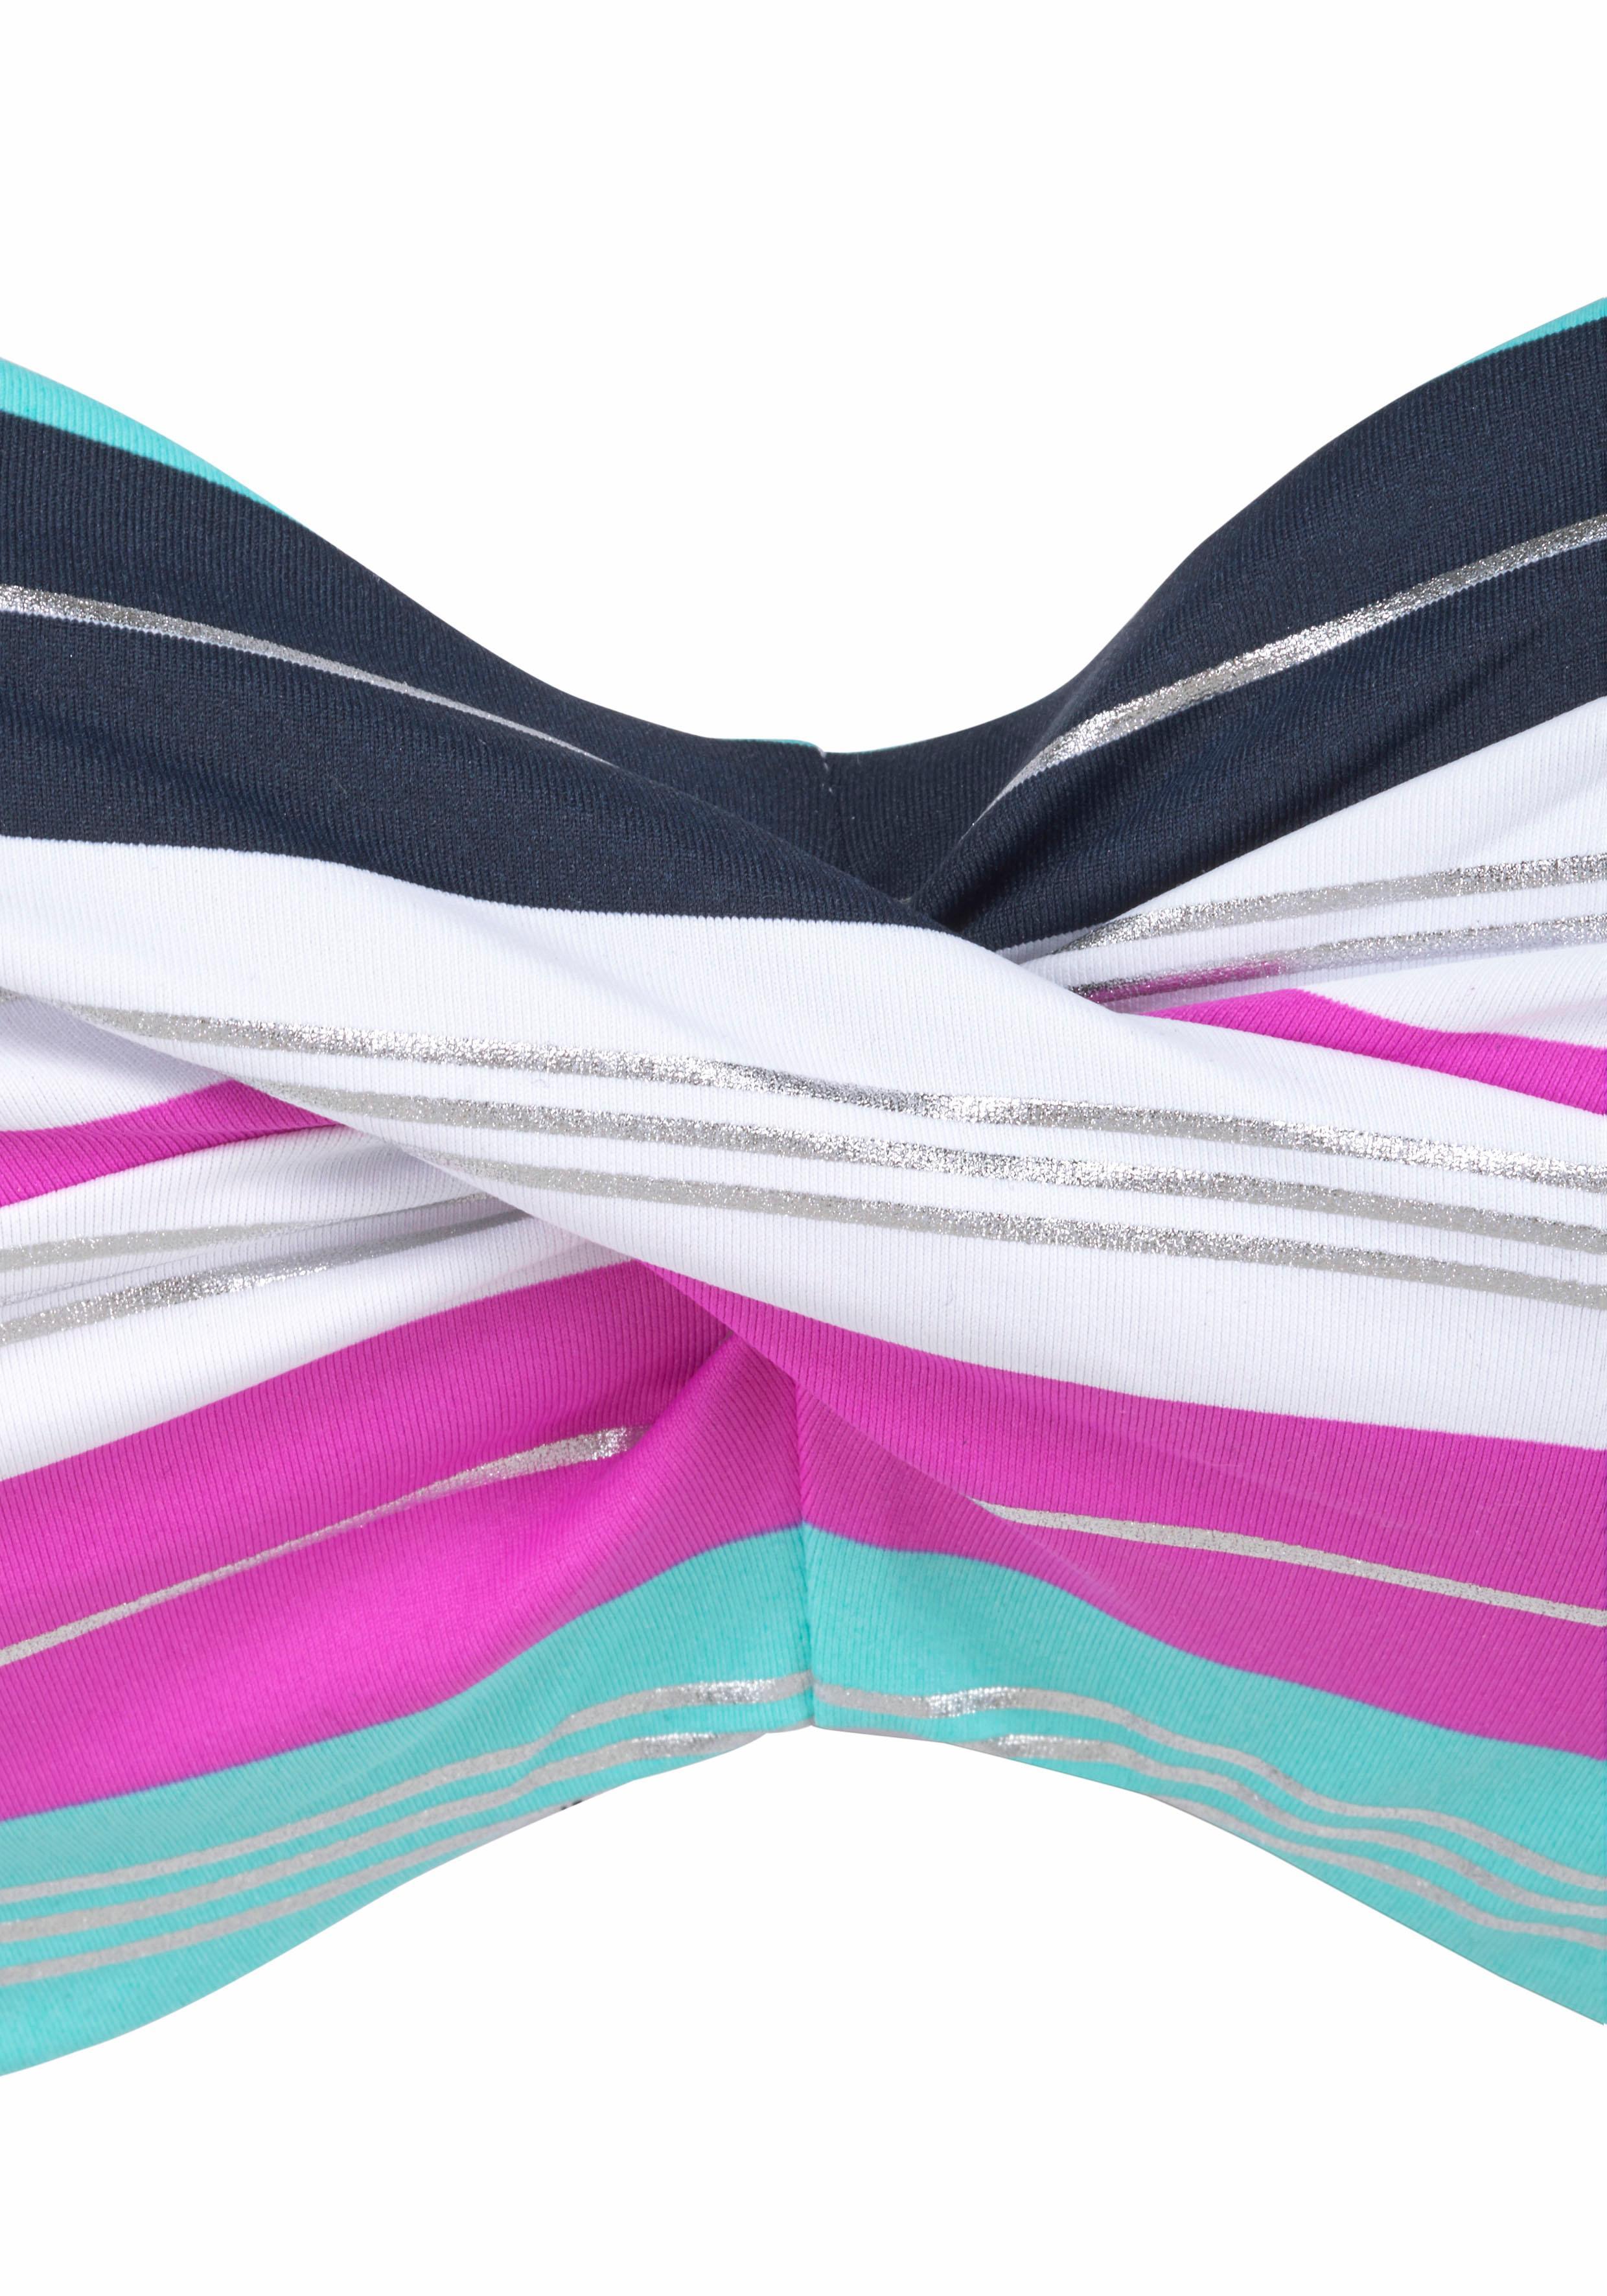 s.Oliver Beachwear Bügel-Bandeau-Bikini